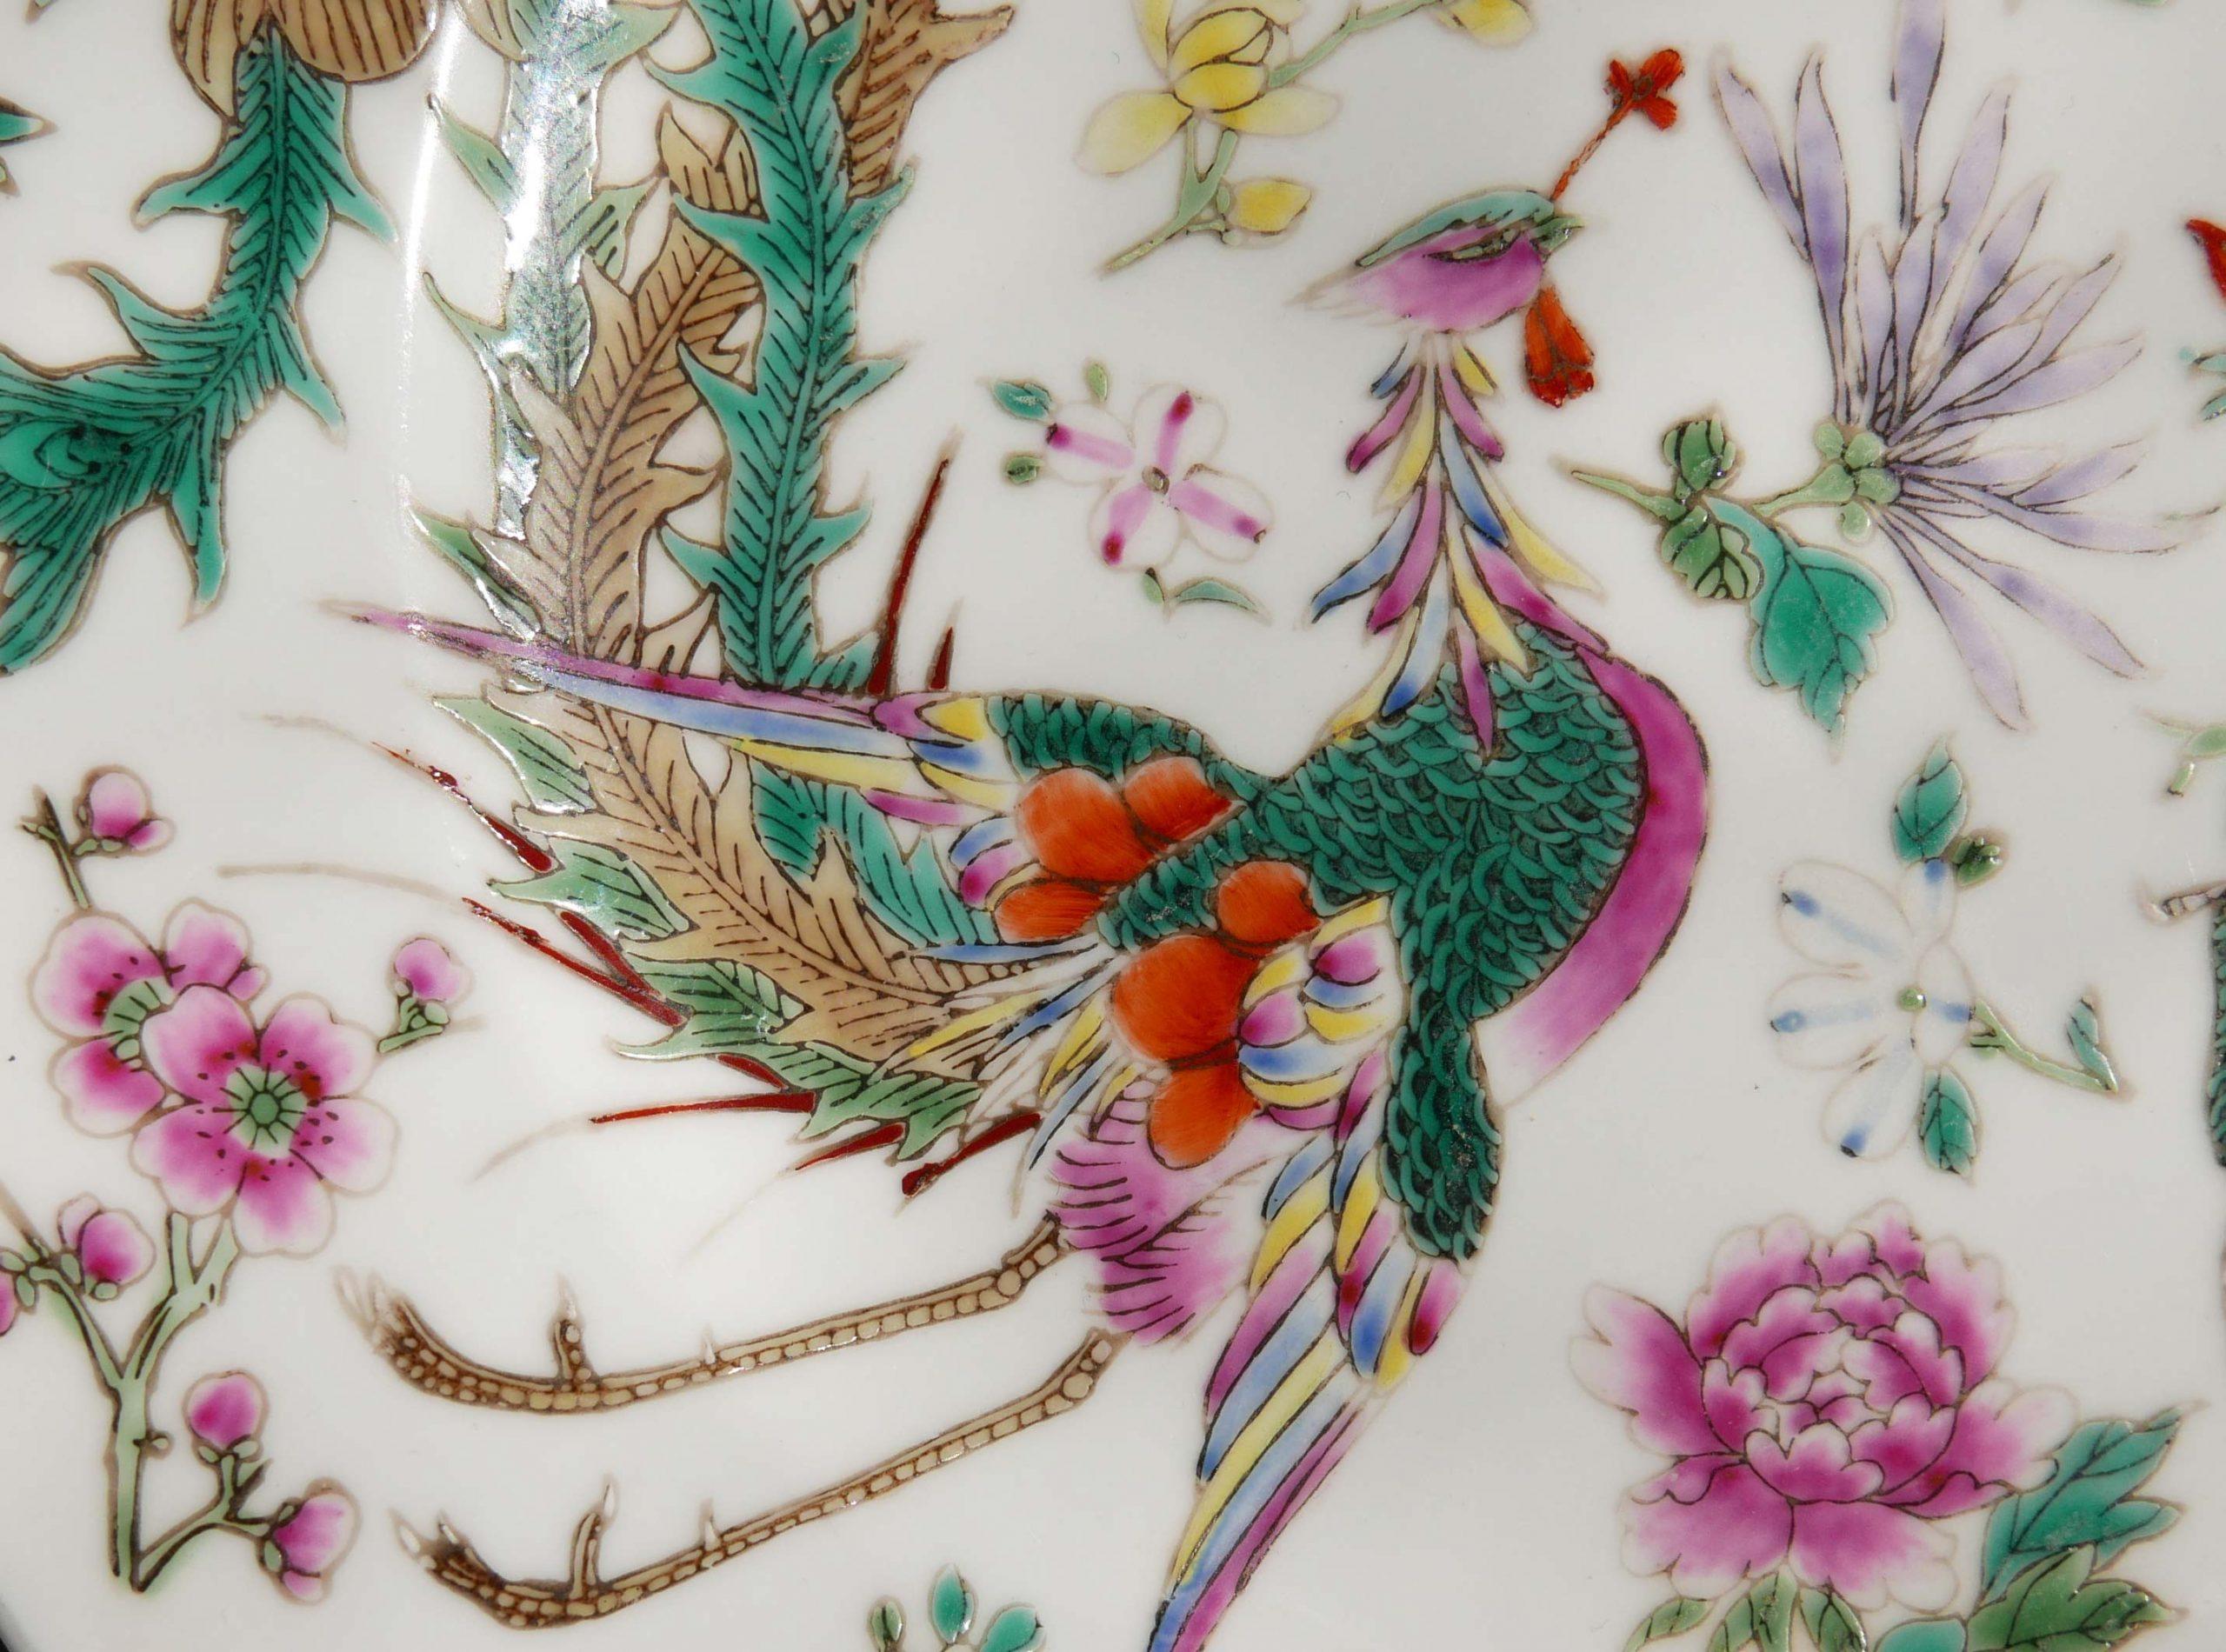 Asien Porzellan Motiv Kranich